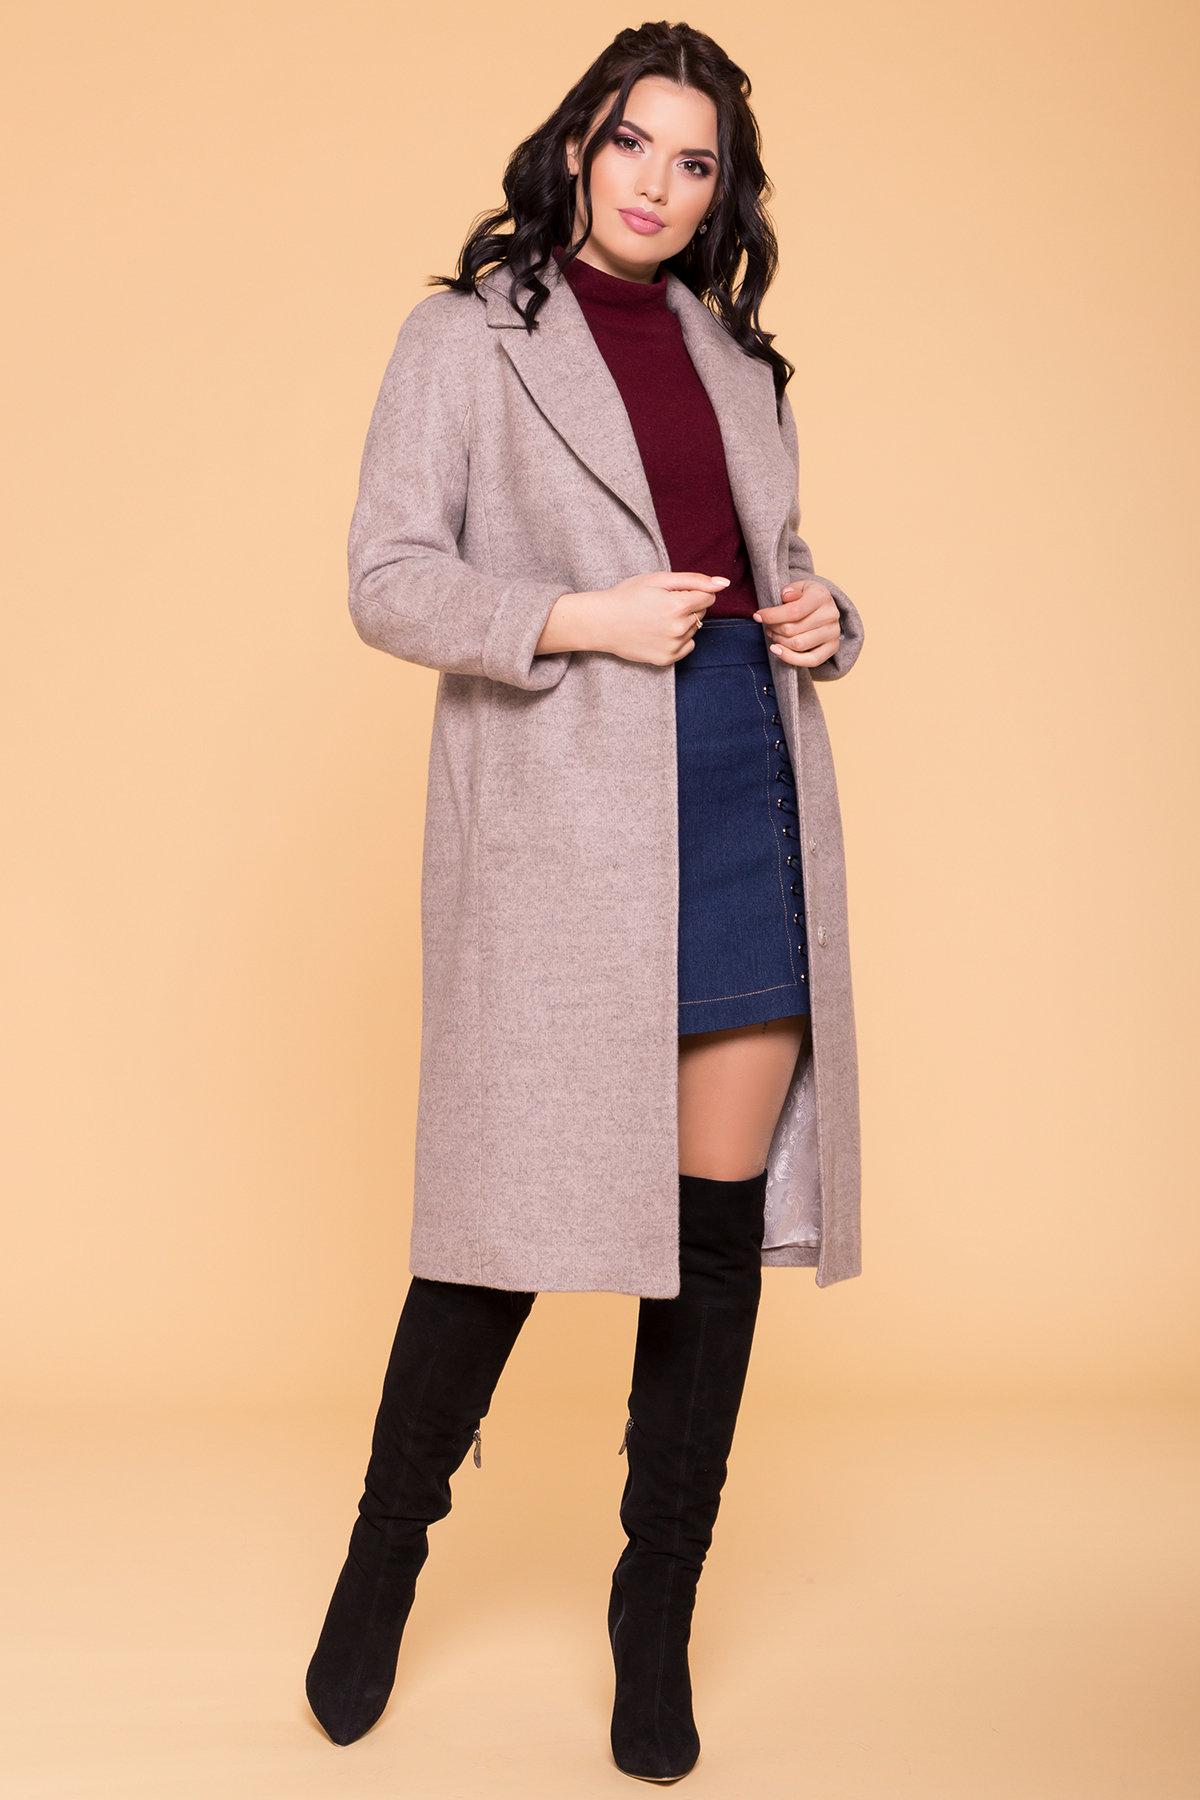 Пальто Верди 6205 АРТ. 41214 Цвет: Бежевый 31 - фото 4, интернет магазин tm-modus.ru